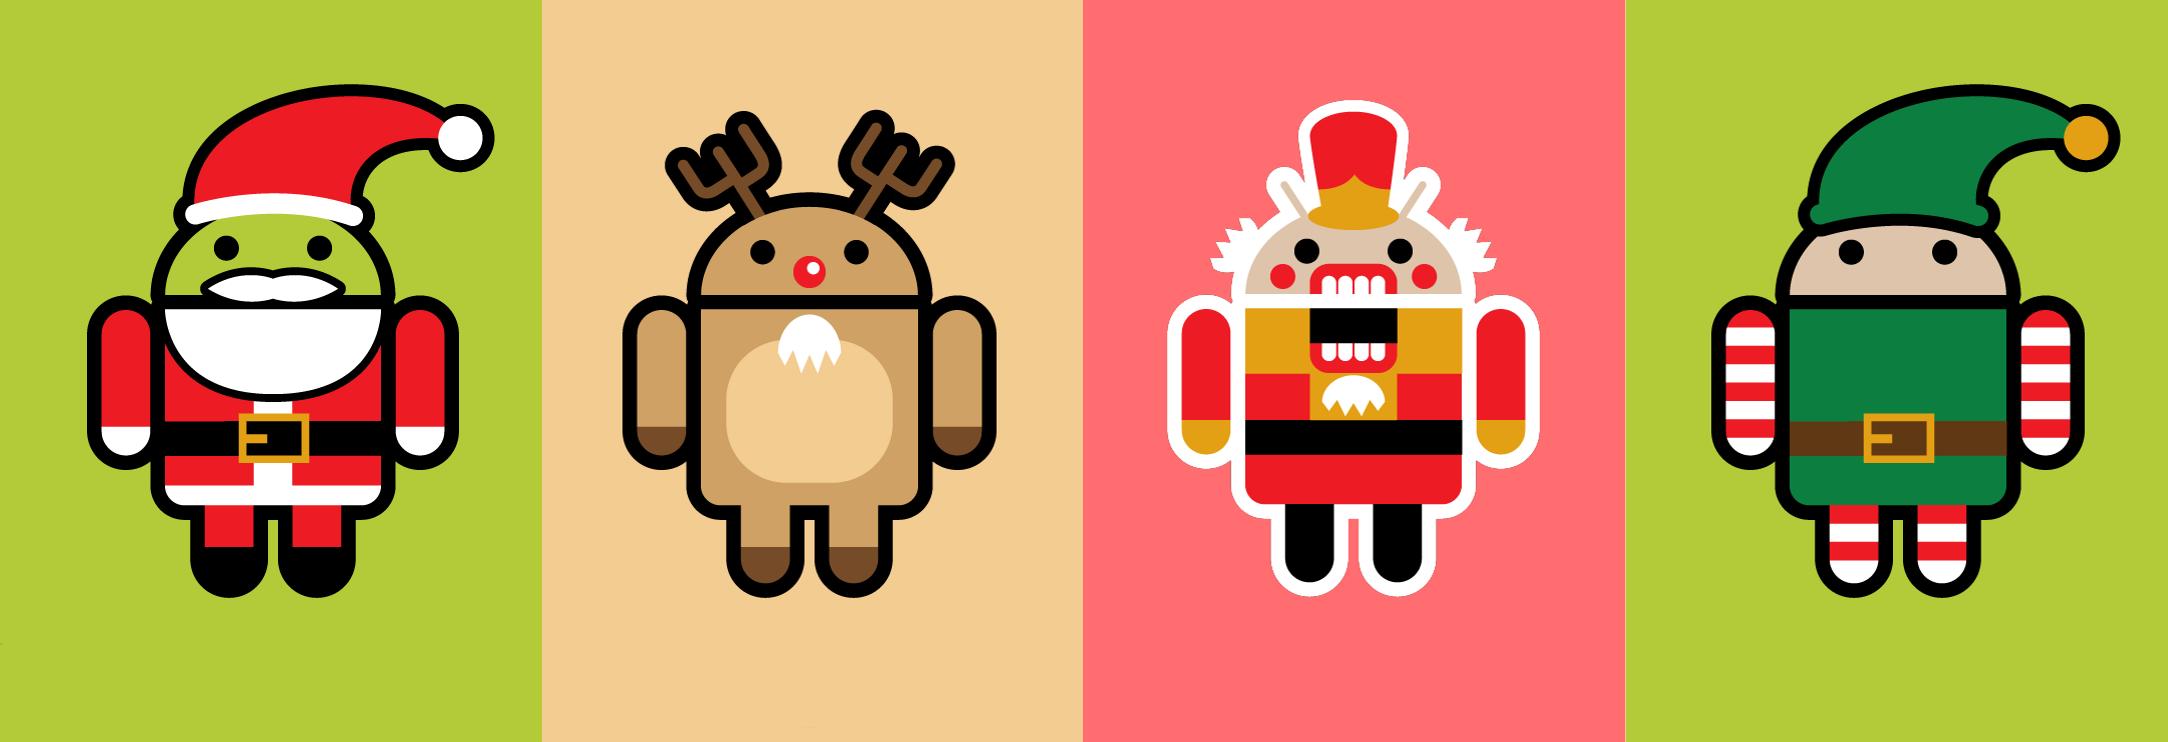 nexus2cee android logos christmas